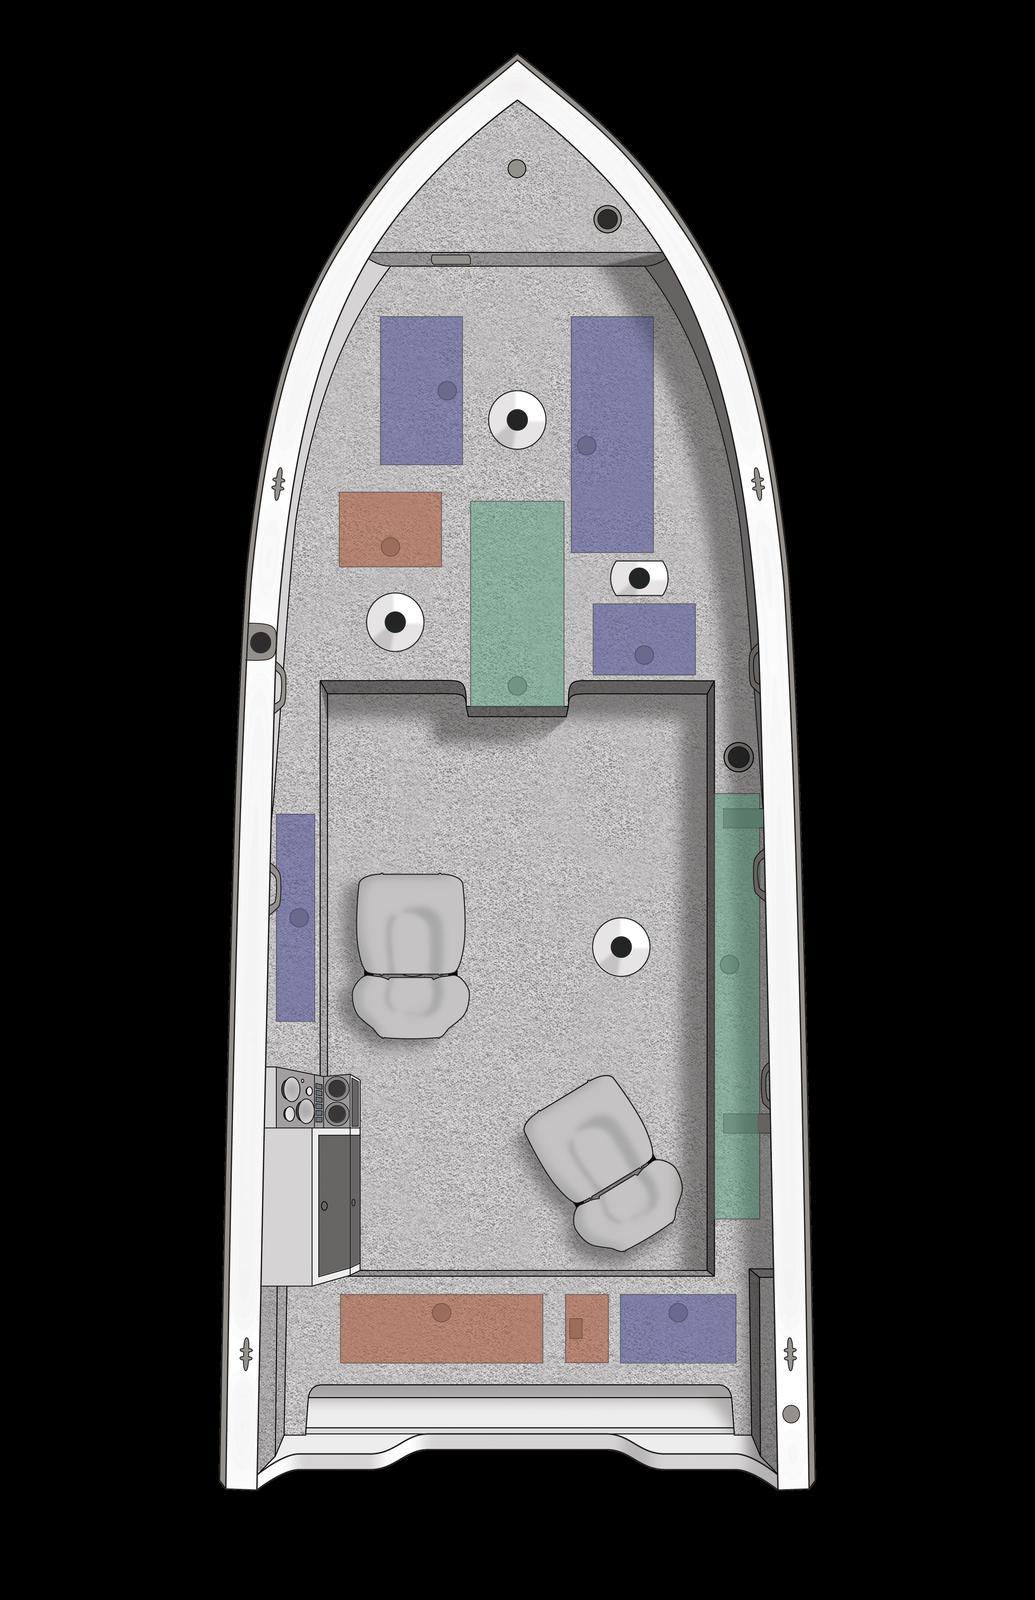 2019 Crestliner Pro Tiller 1650 For Sale In Ravenna Oh Pontoon Boat Wiring Diagram Lo 1850 Labeled 2018